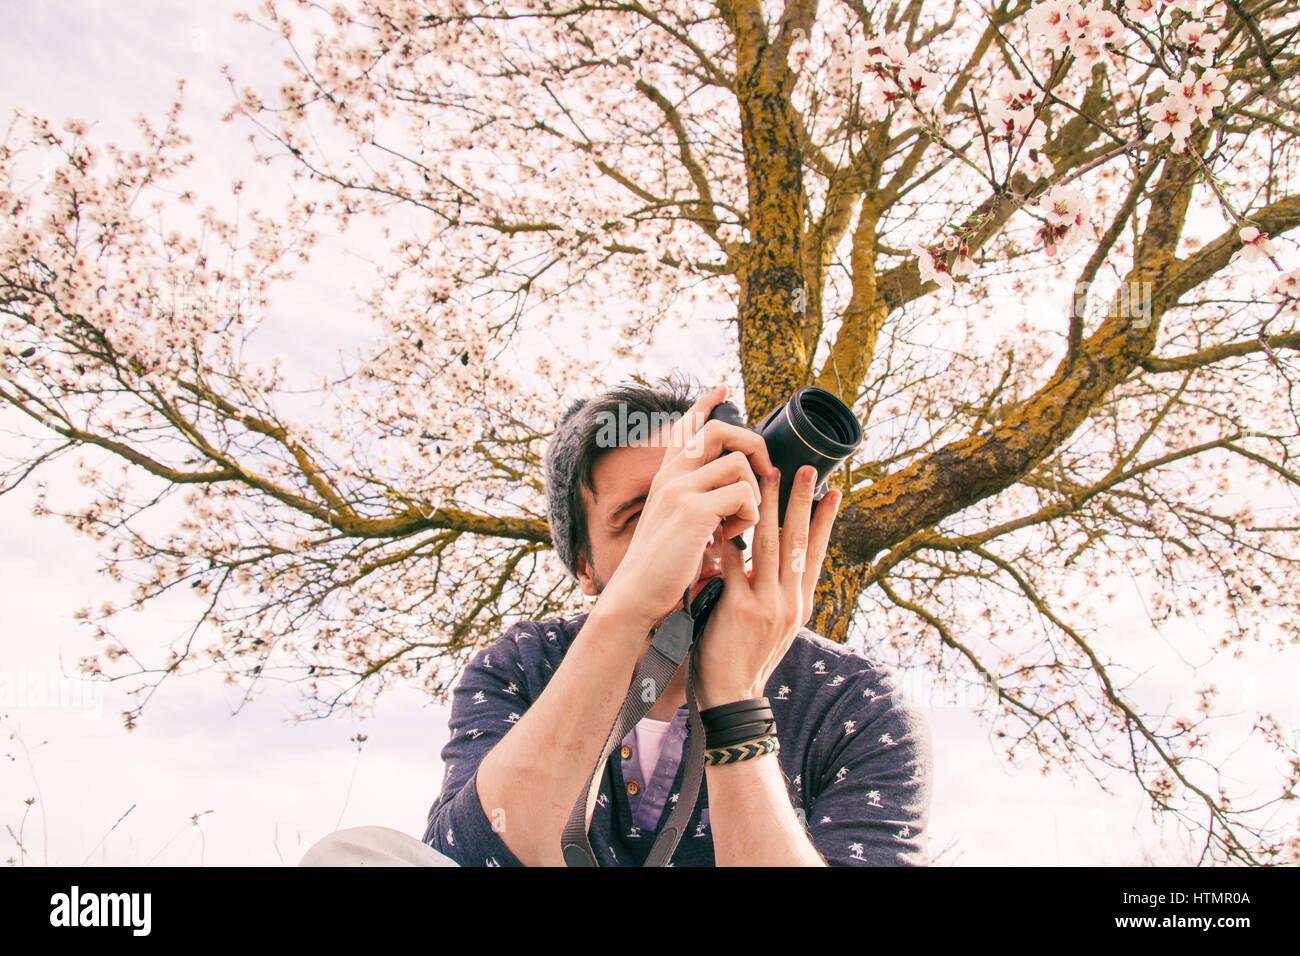 Young hipster hombre tomando fotos cerca de un árbol en flor en primavera Foto de stock